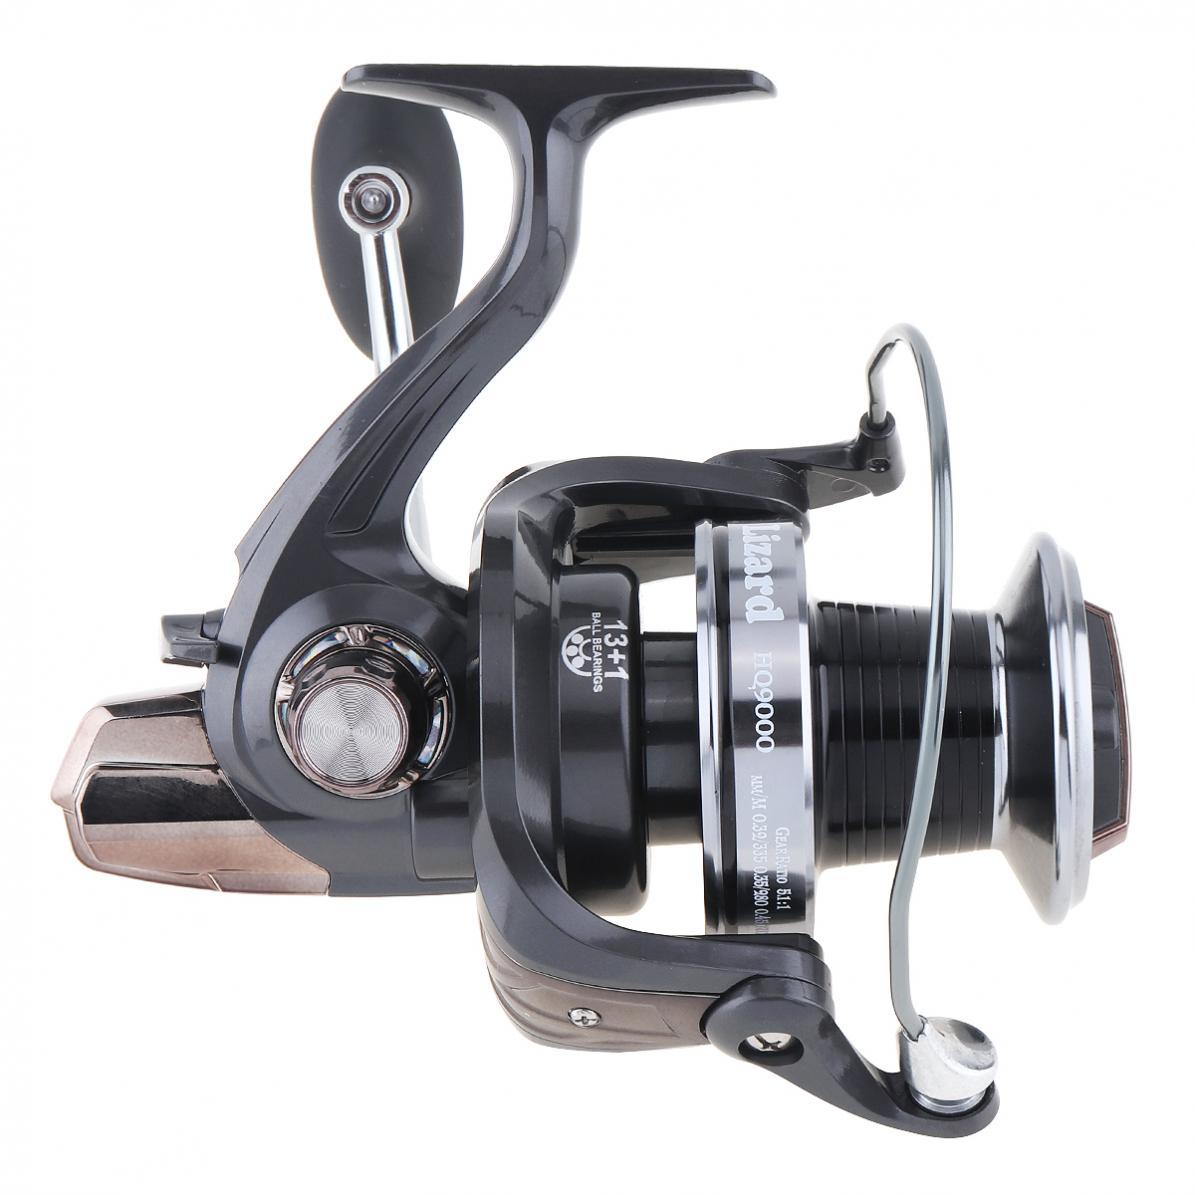 9000 série 13 + 1 roulements à billes 5.1: 1 moulinet de pêche filature 25KG traînée Max gabarits à la traîne longue tir gauche/droite Interchangeable